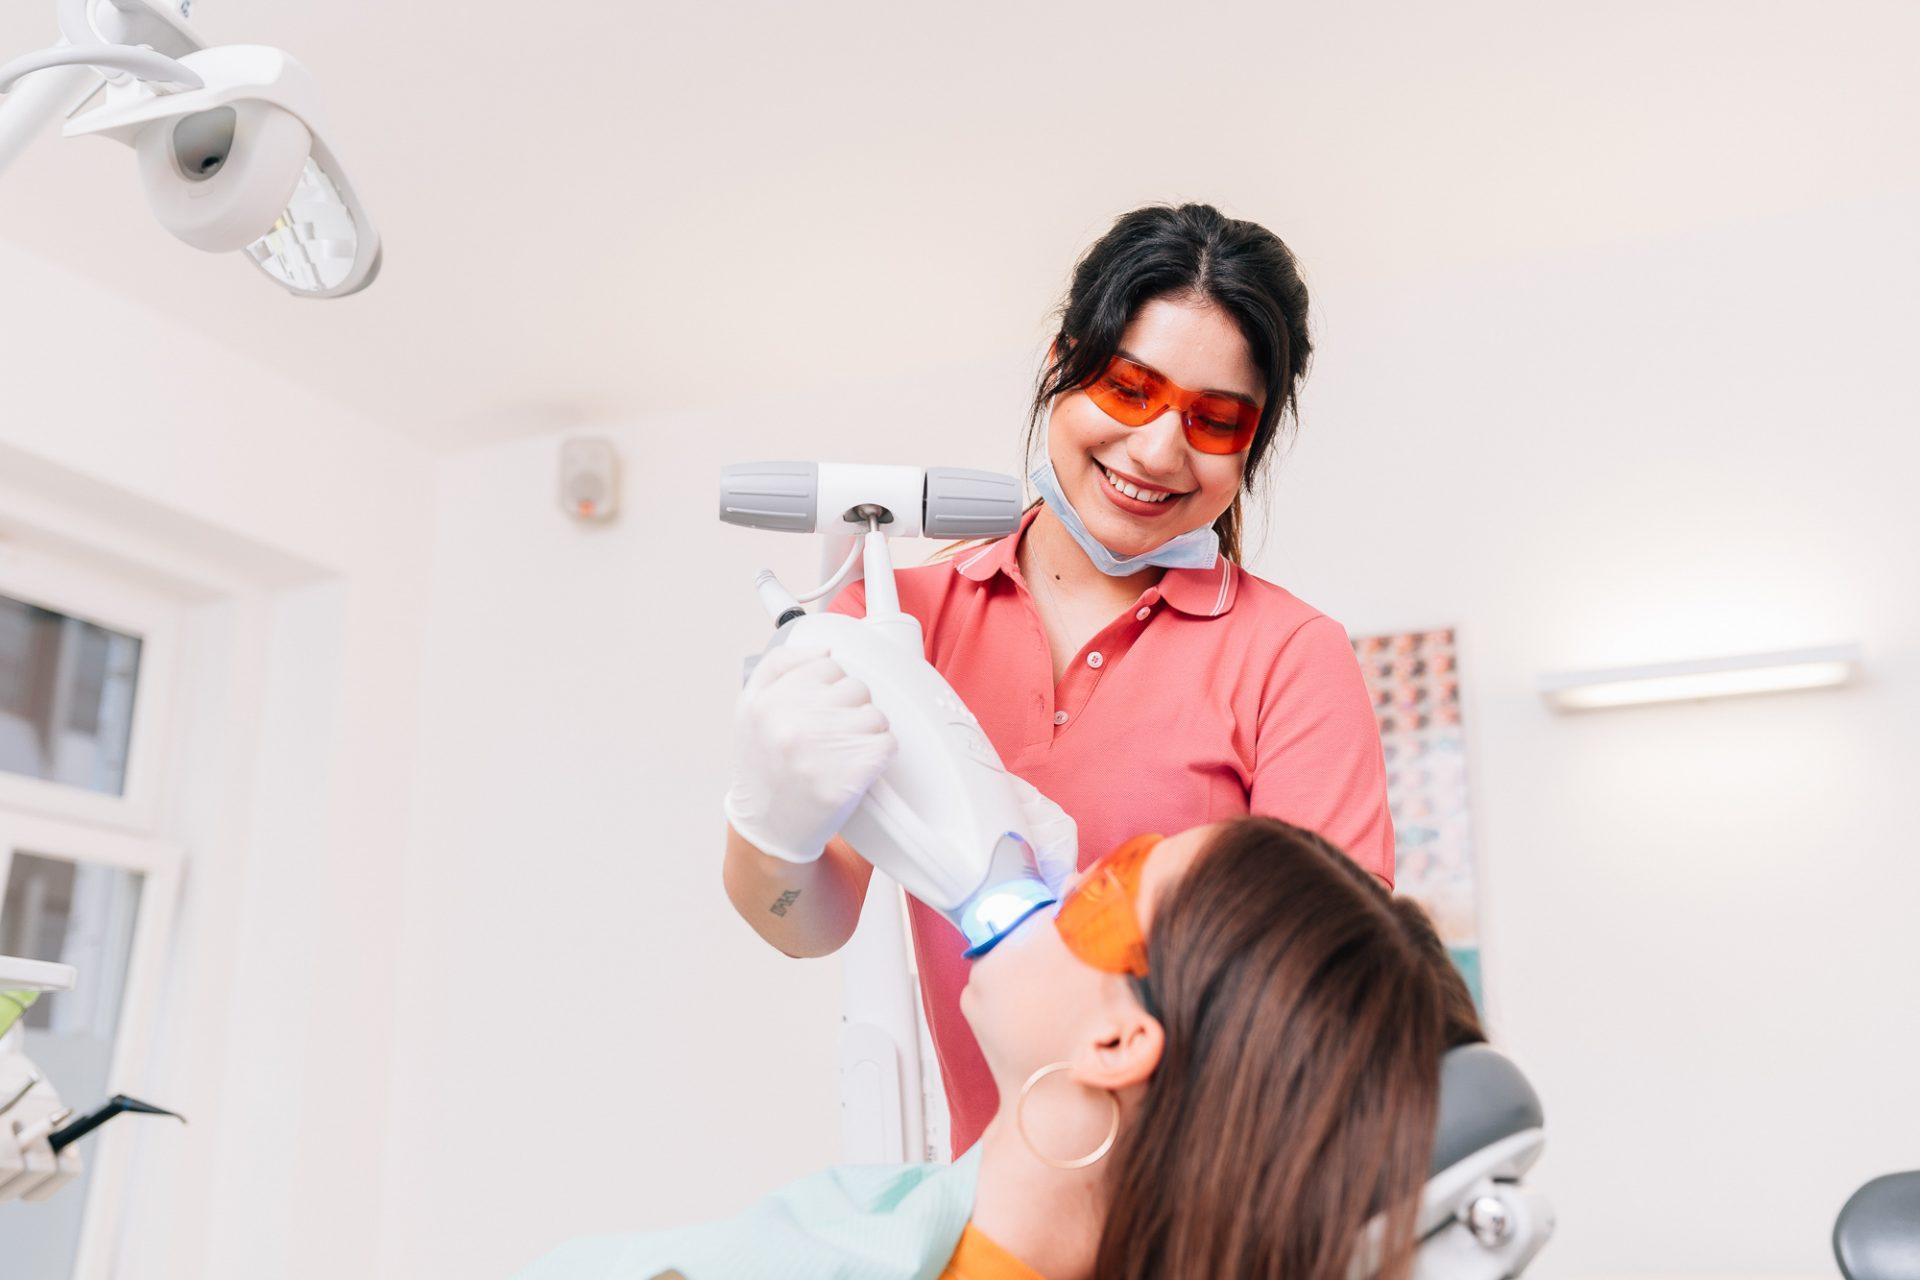 Fotografie für Zahnarztpraxen © Offenblende / Joshua JAH